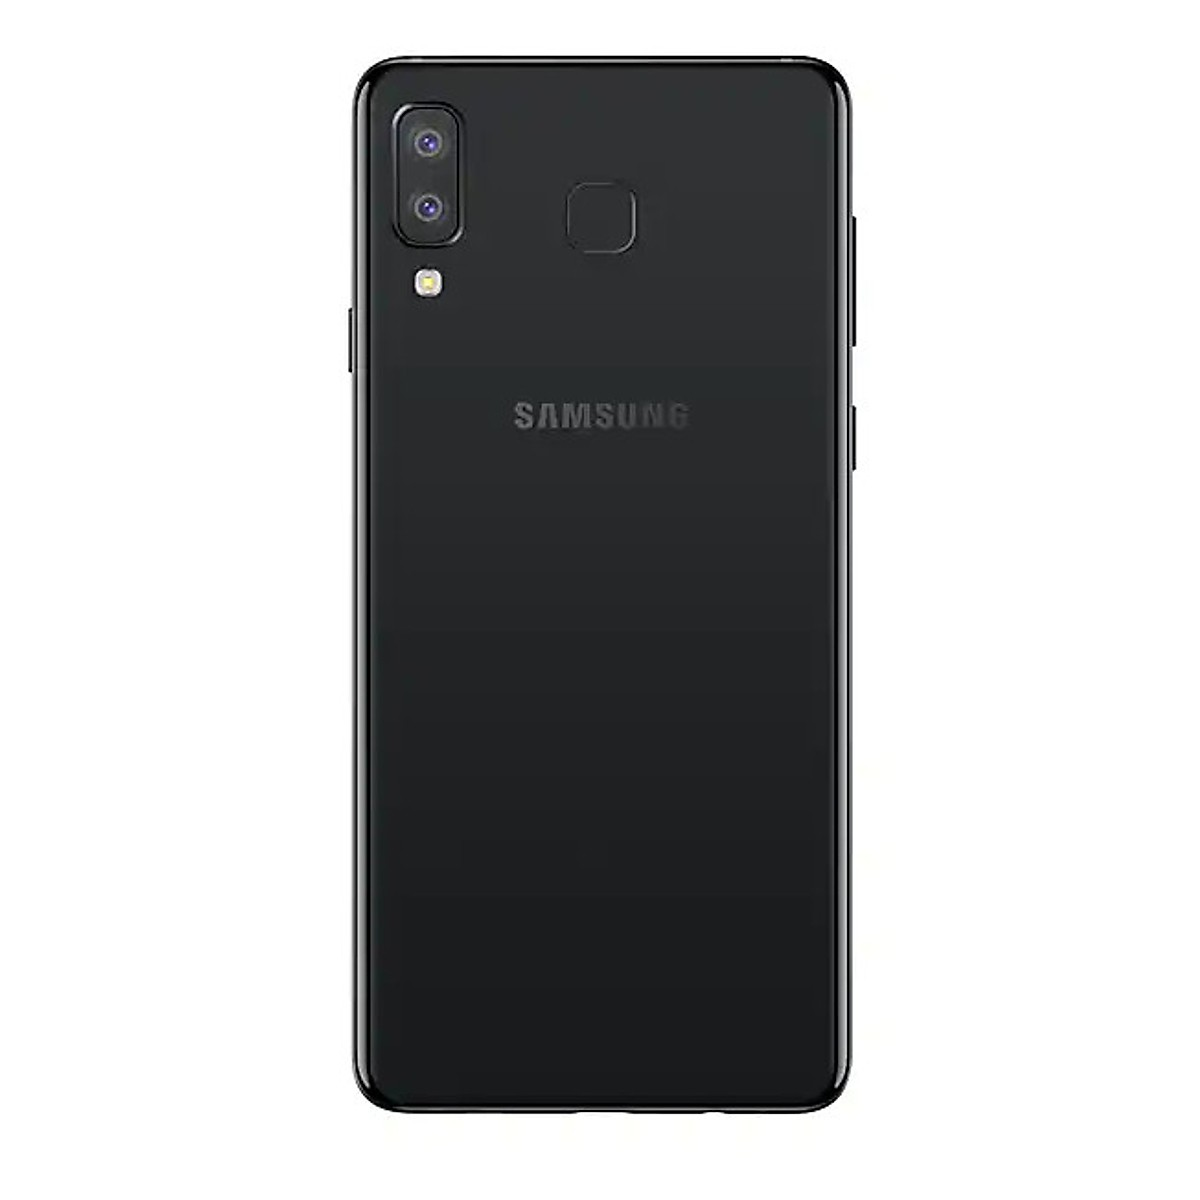 Đánh giá Điện Thoại Samsung Galaxy A8 Star